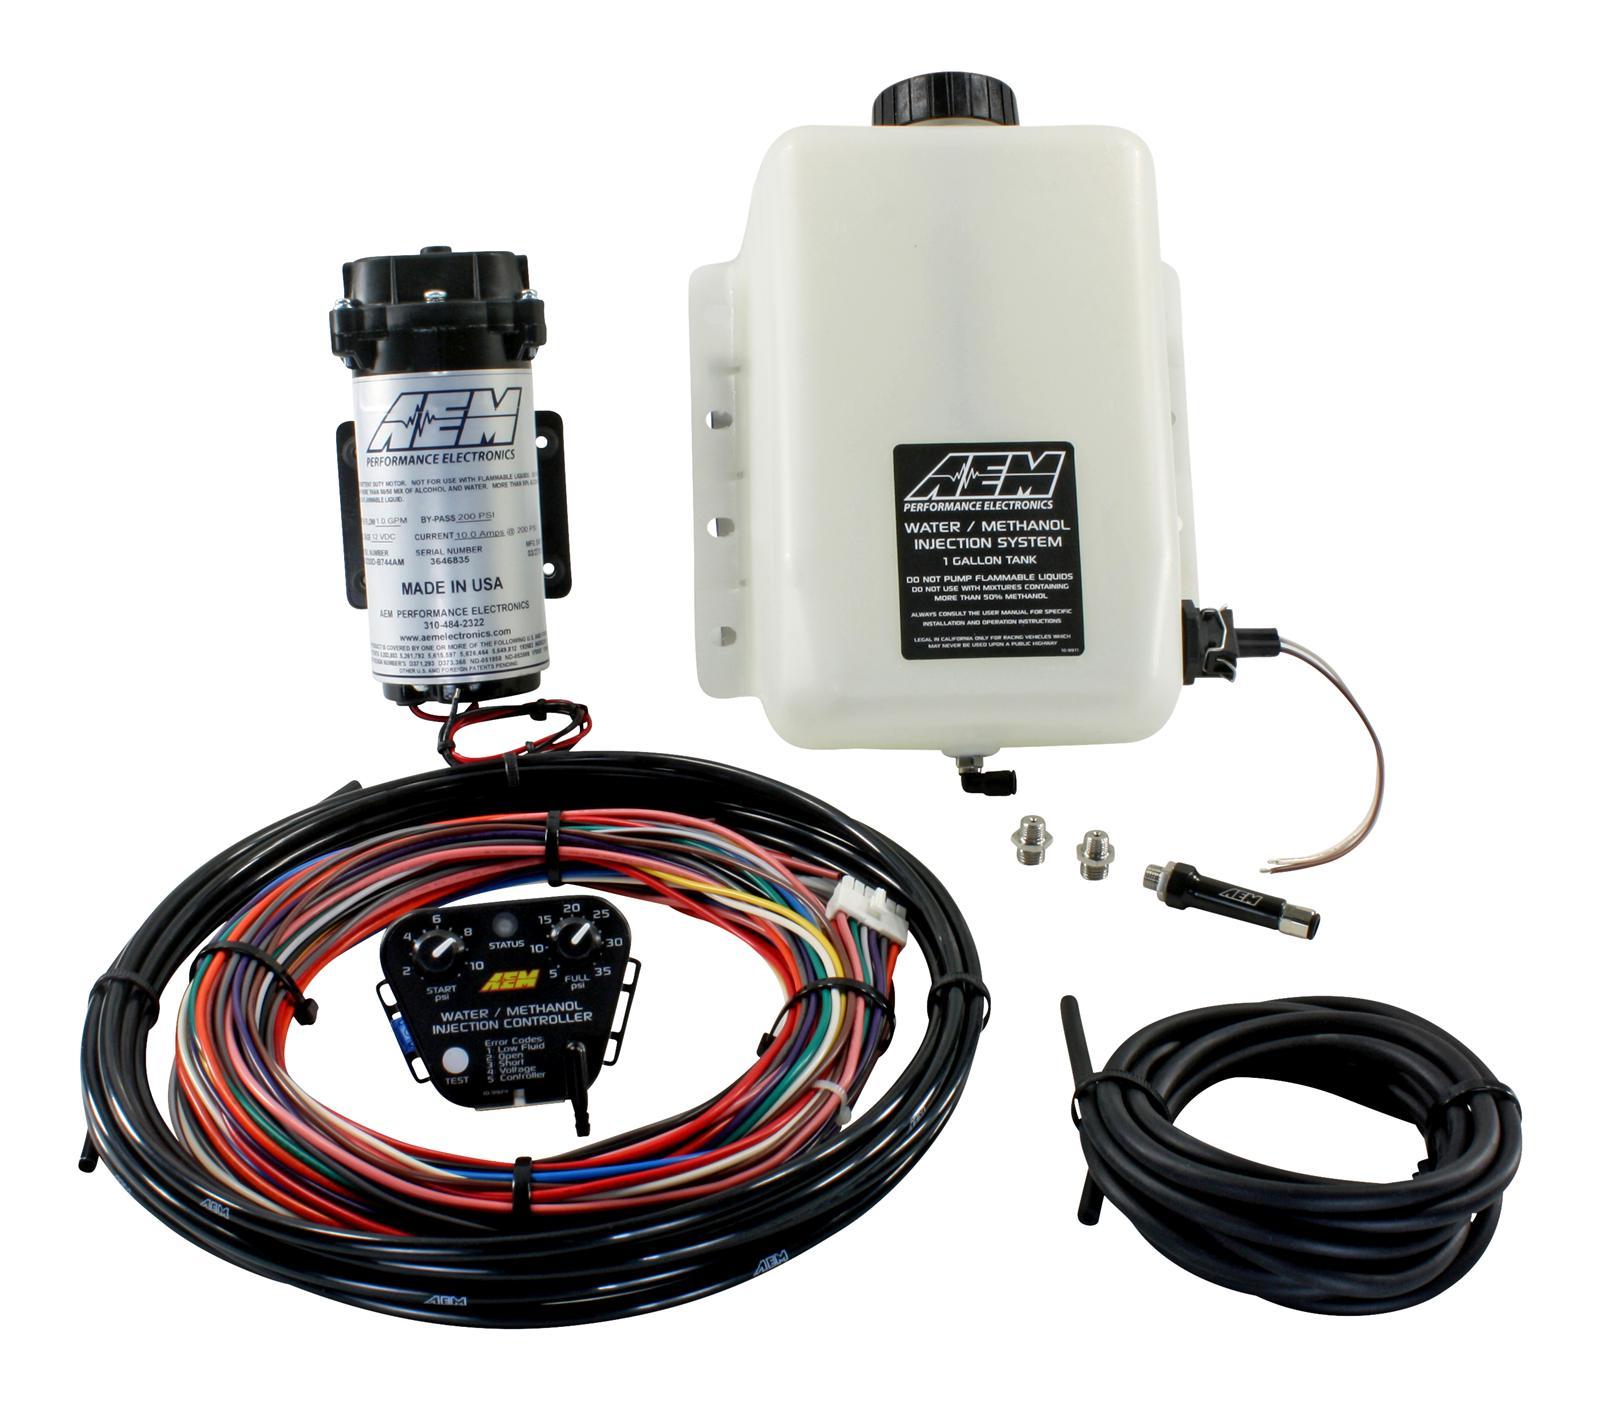 AEM Electronics 30-3300 Universal Water/Methanol Injection Kit - 1 Gallon  Tank